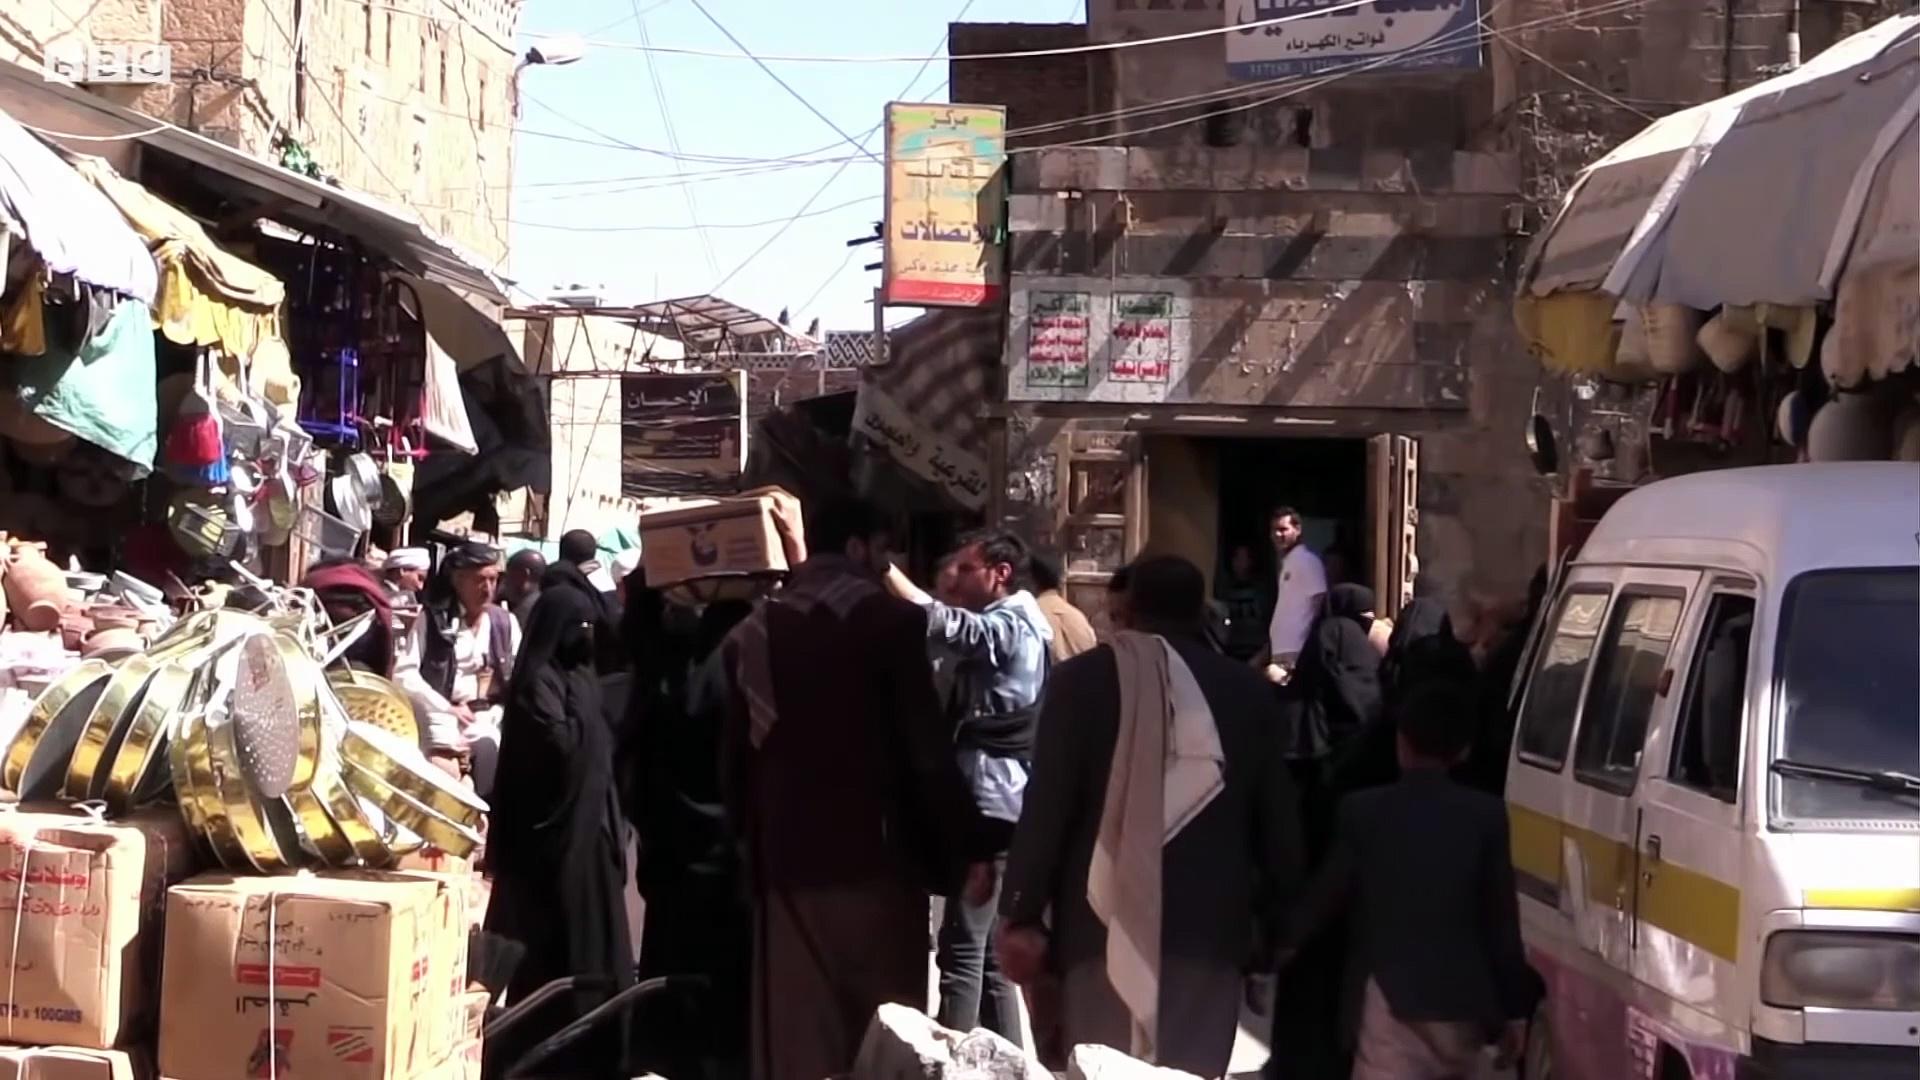 Yemen bracing for coronavirus outbreak – BBC News